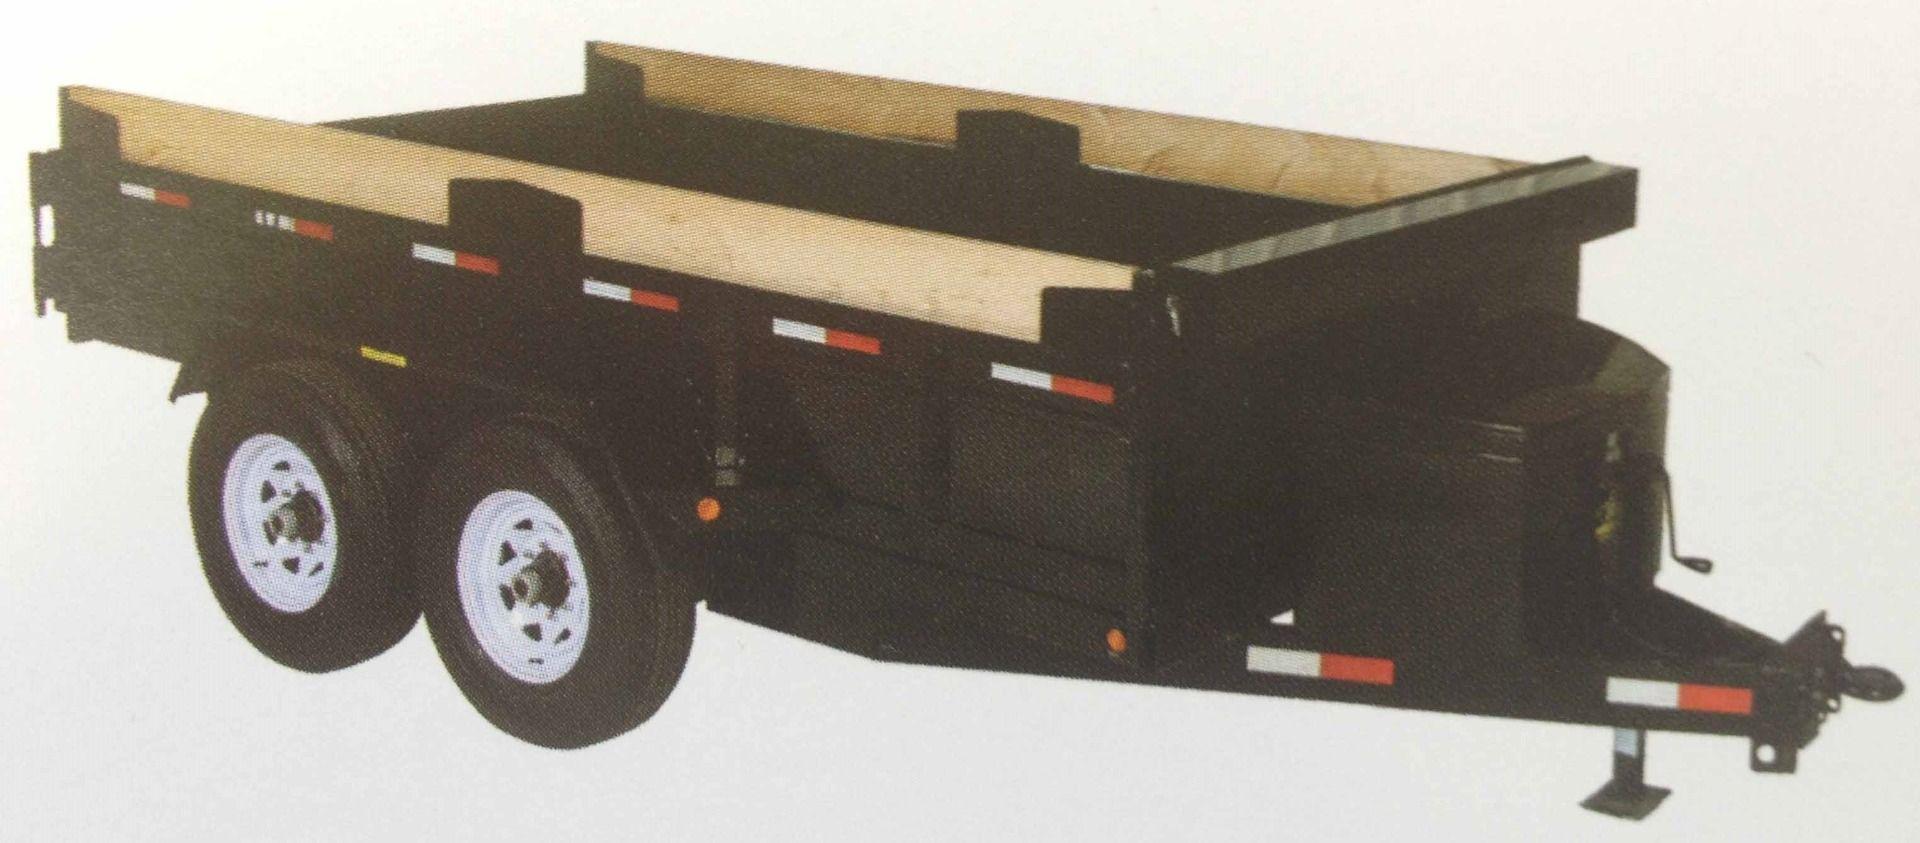 Medium Duty Dump Tandem Trailer MDD610 by JDJ (6' W x 10' L) with 3' high sides